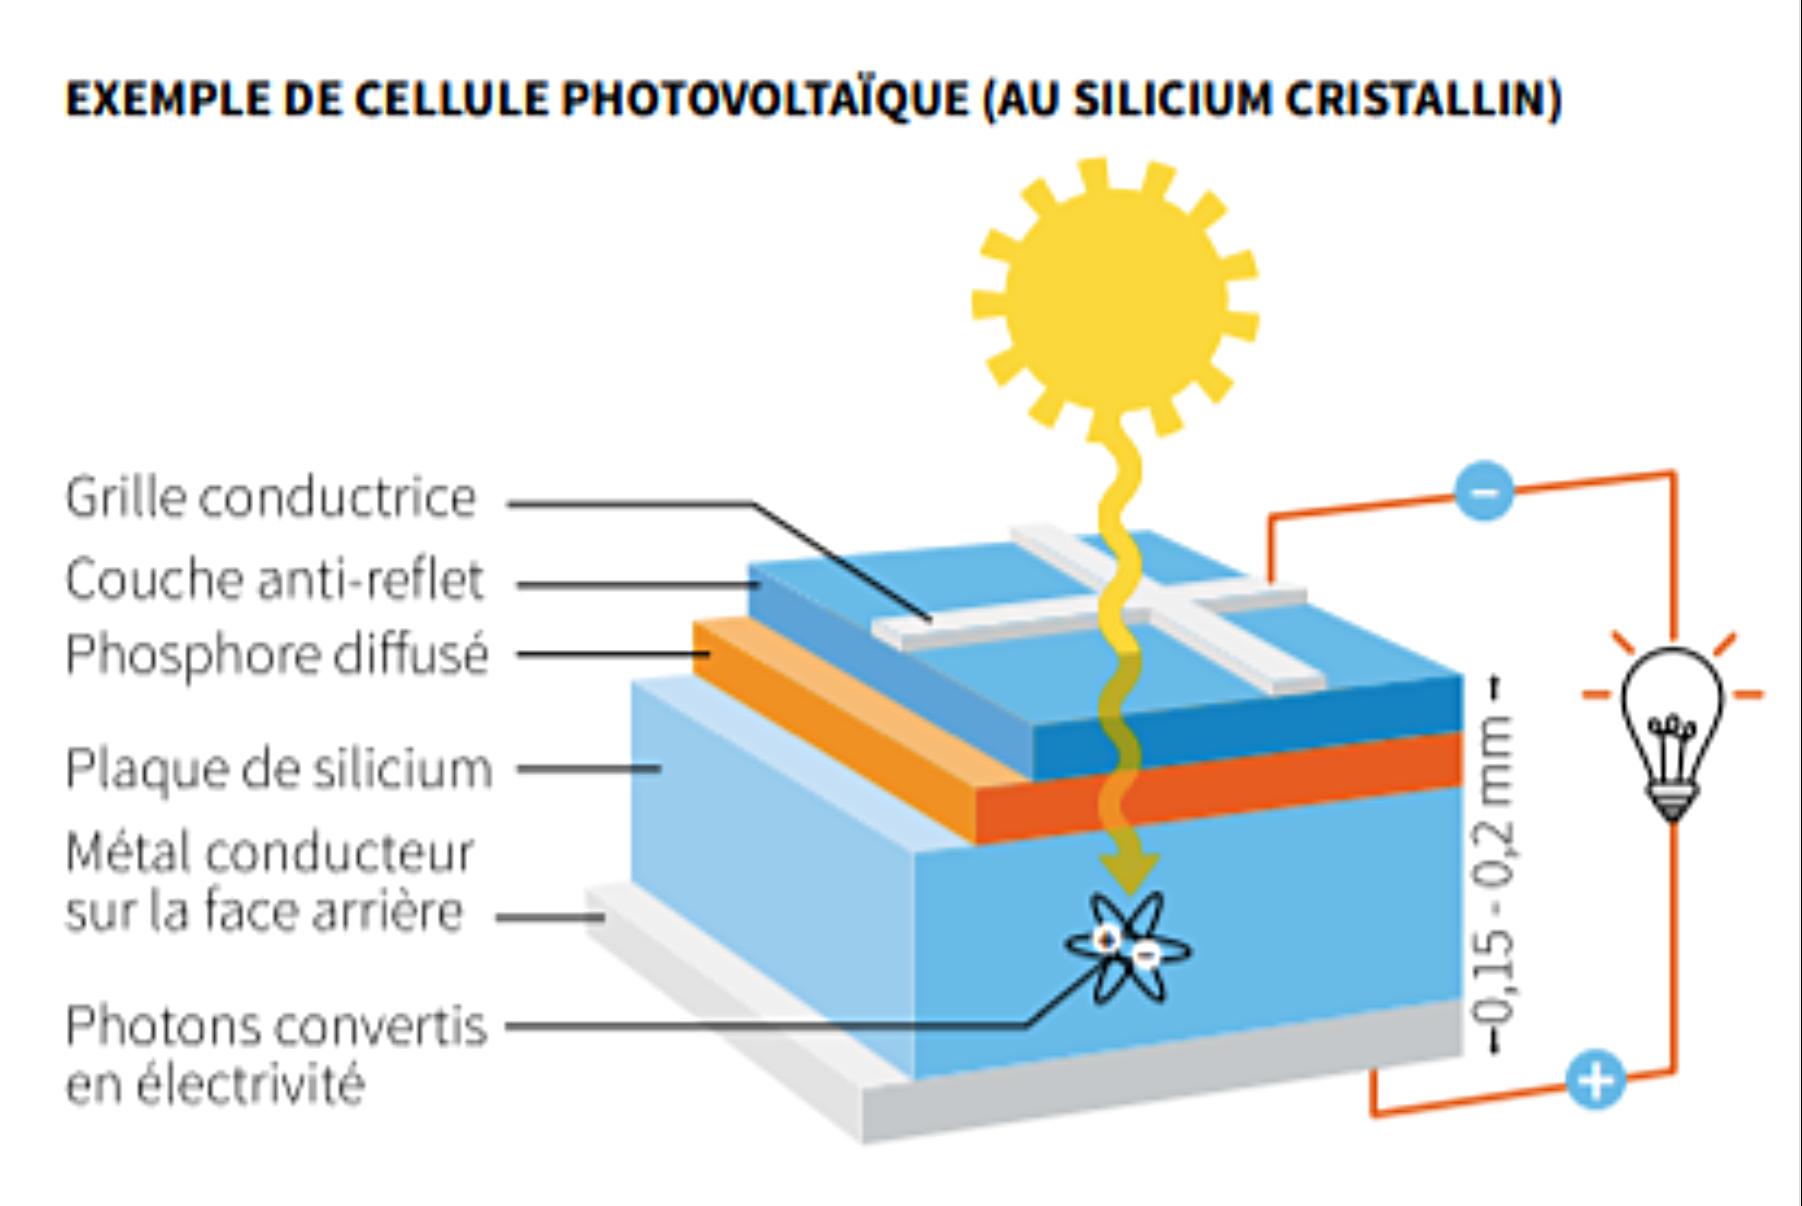 cellule-photovoltaique